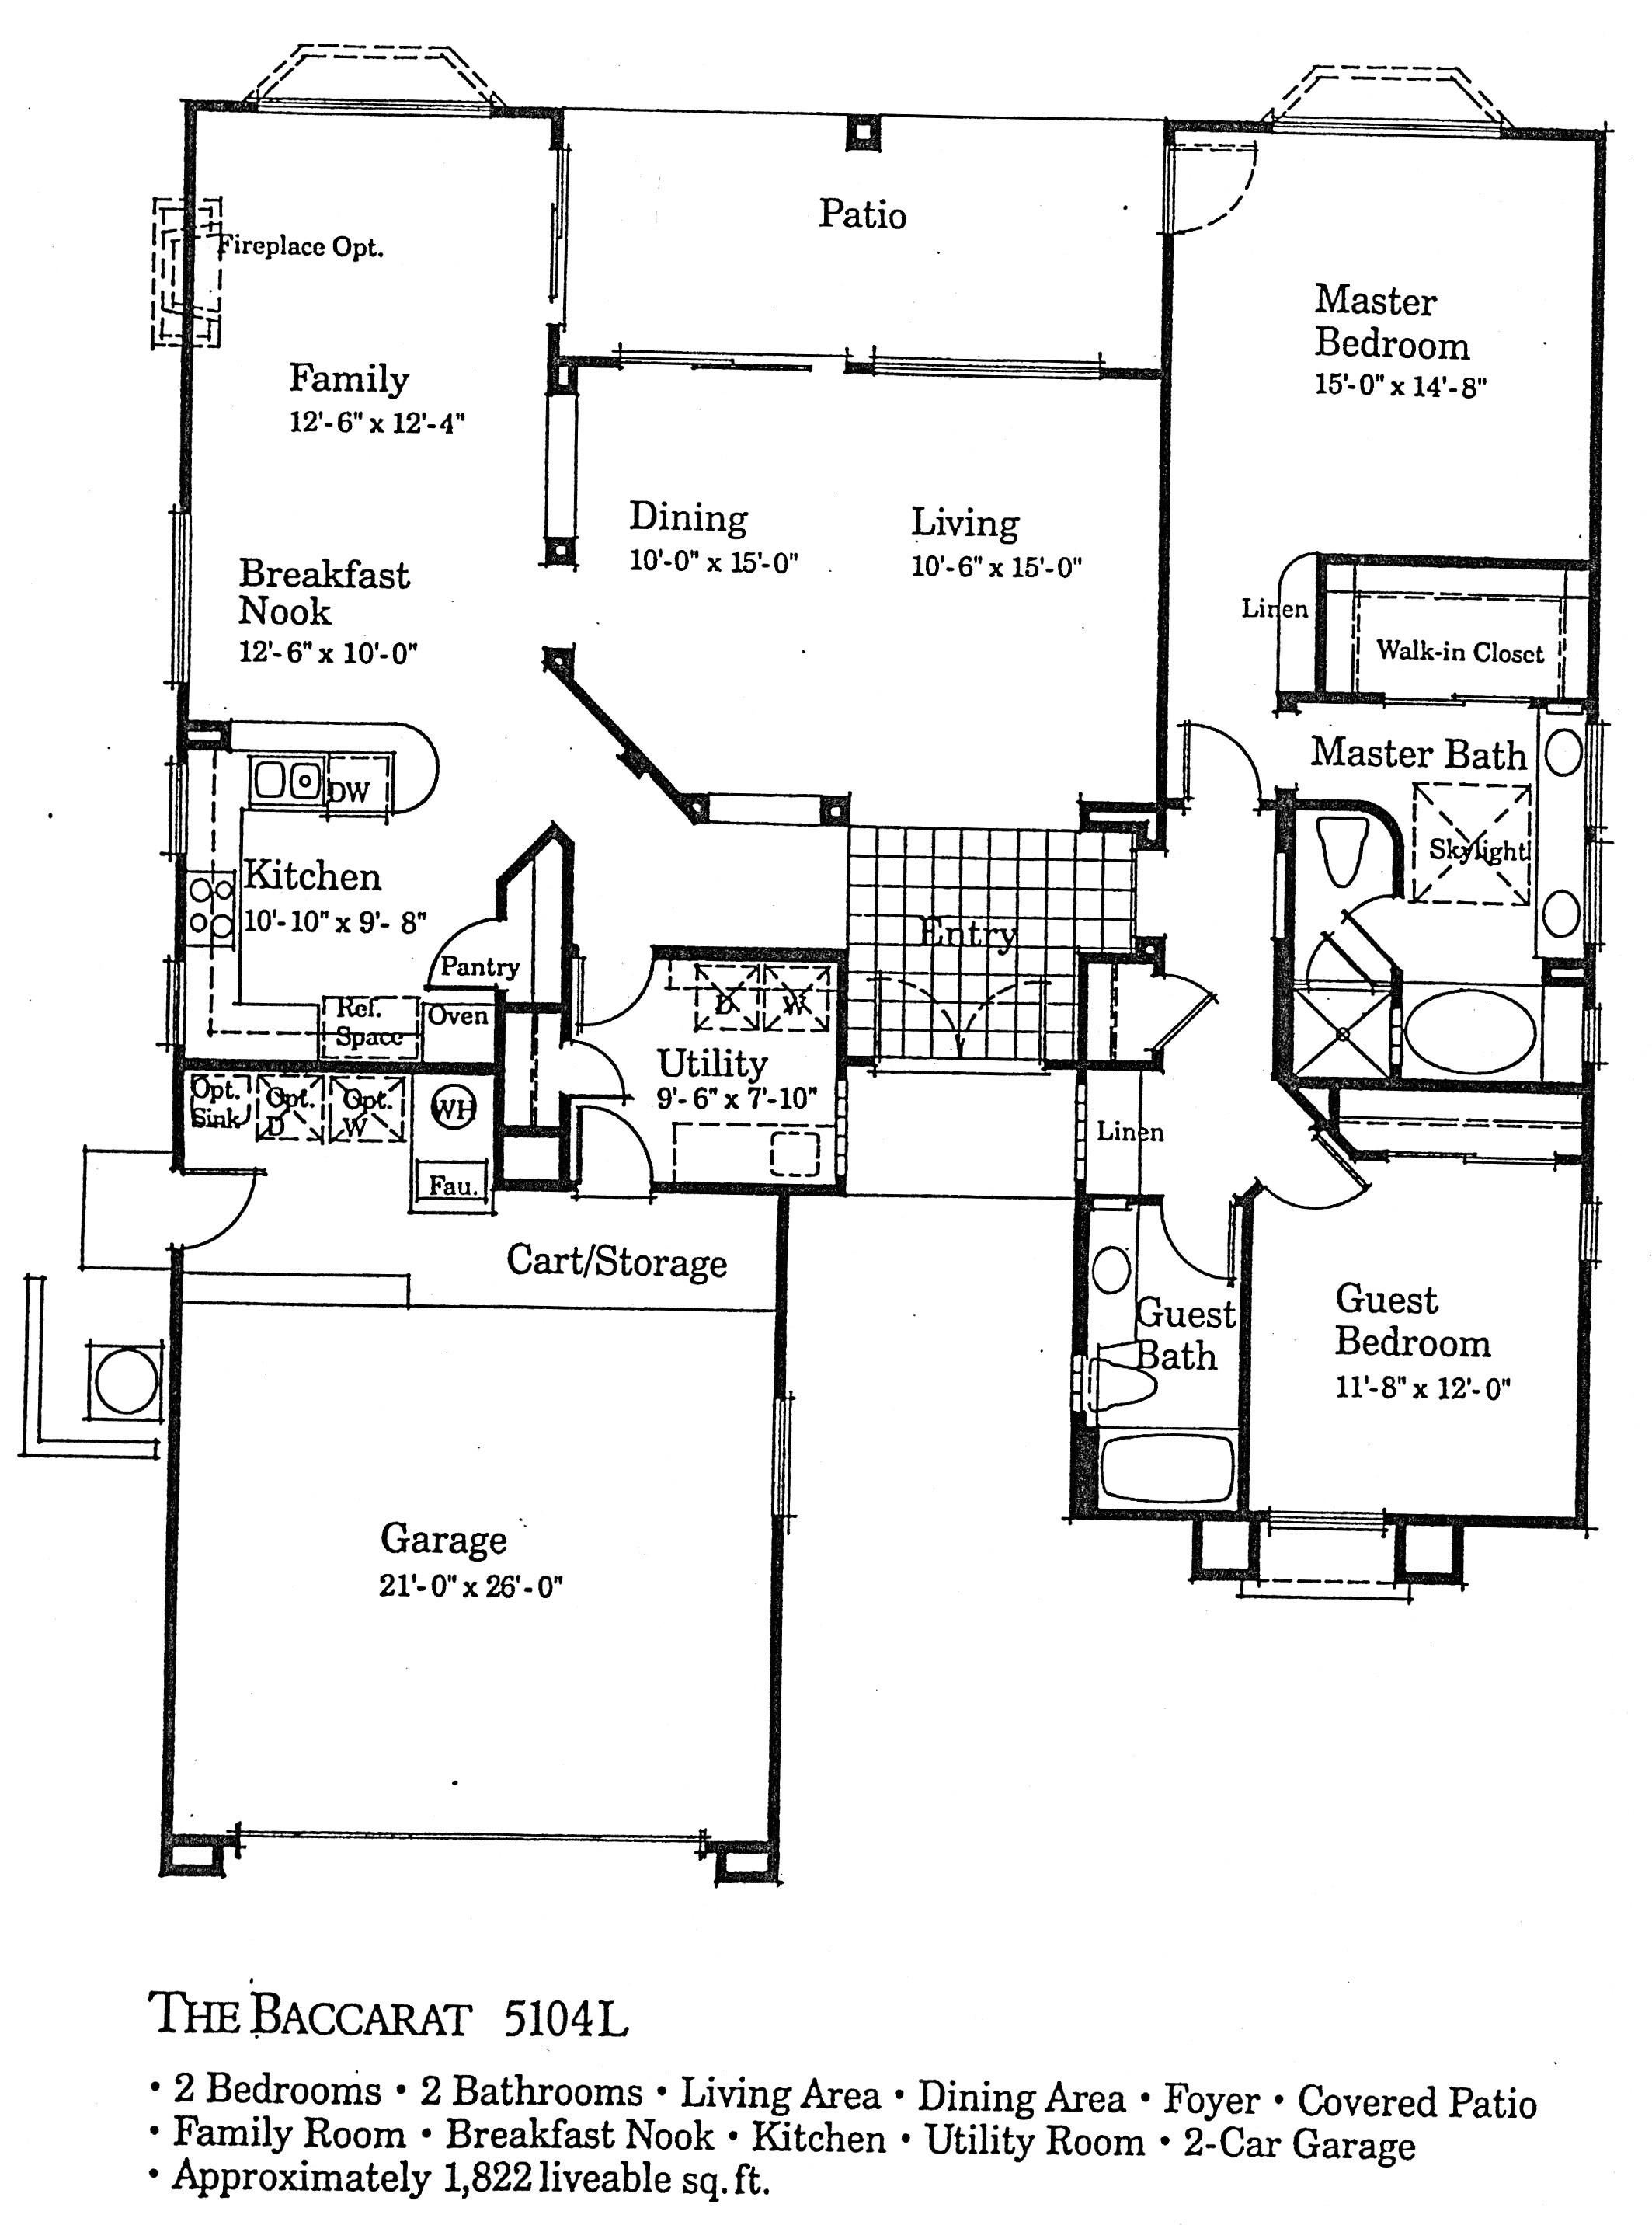 karsten homes floor plans awesome house plans for modular homes bibserver of karsten homes floor plans